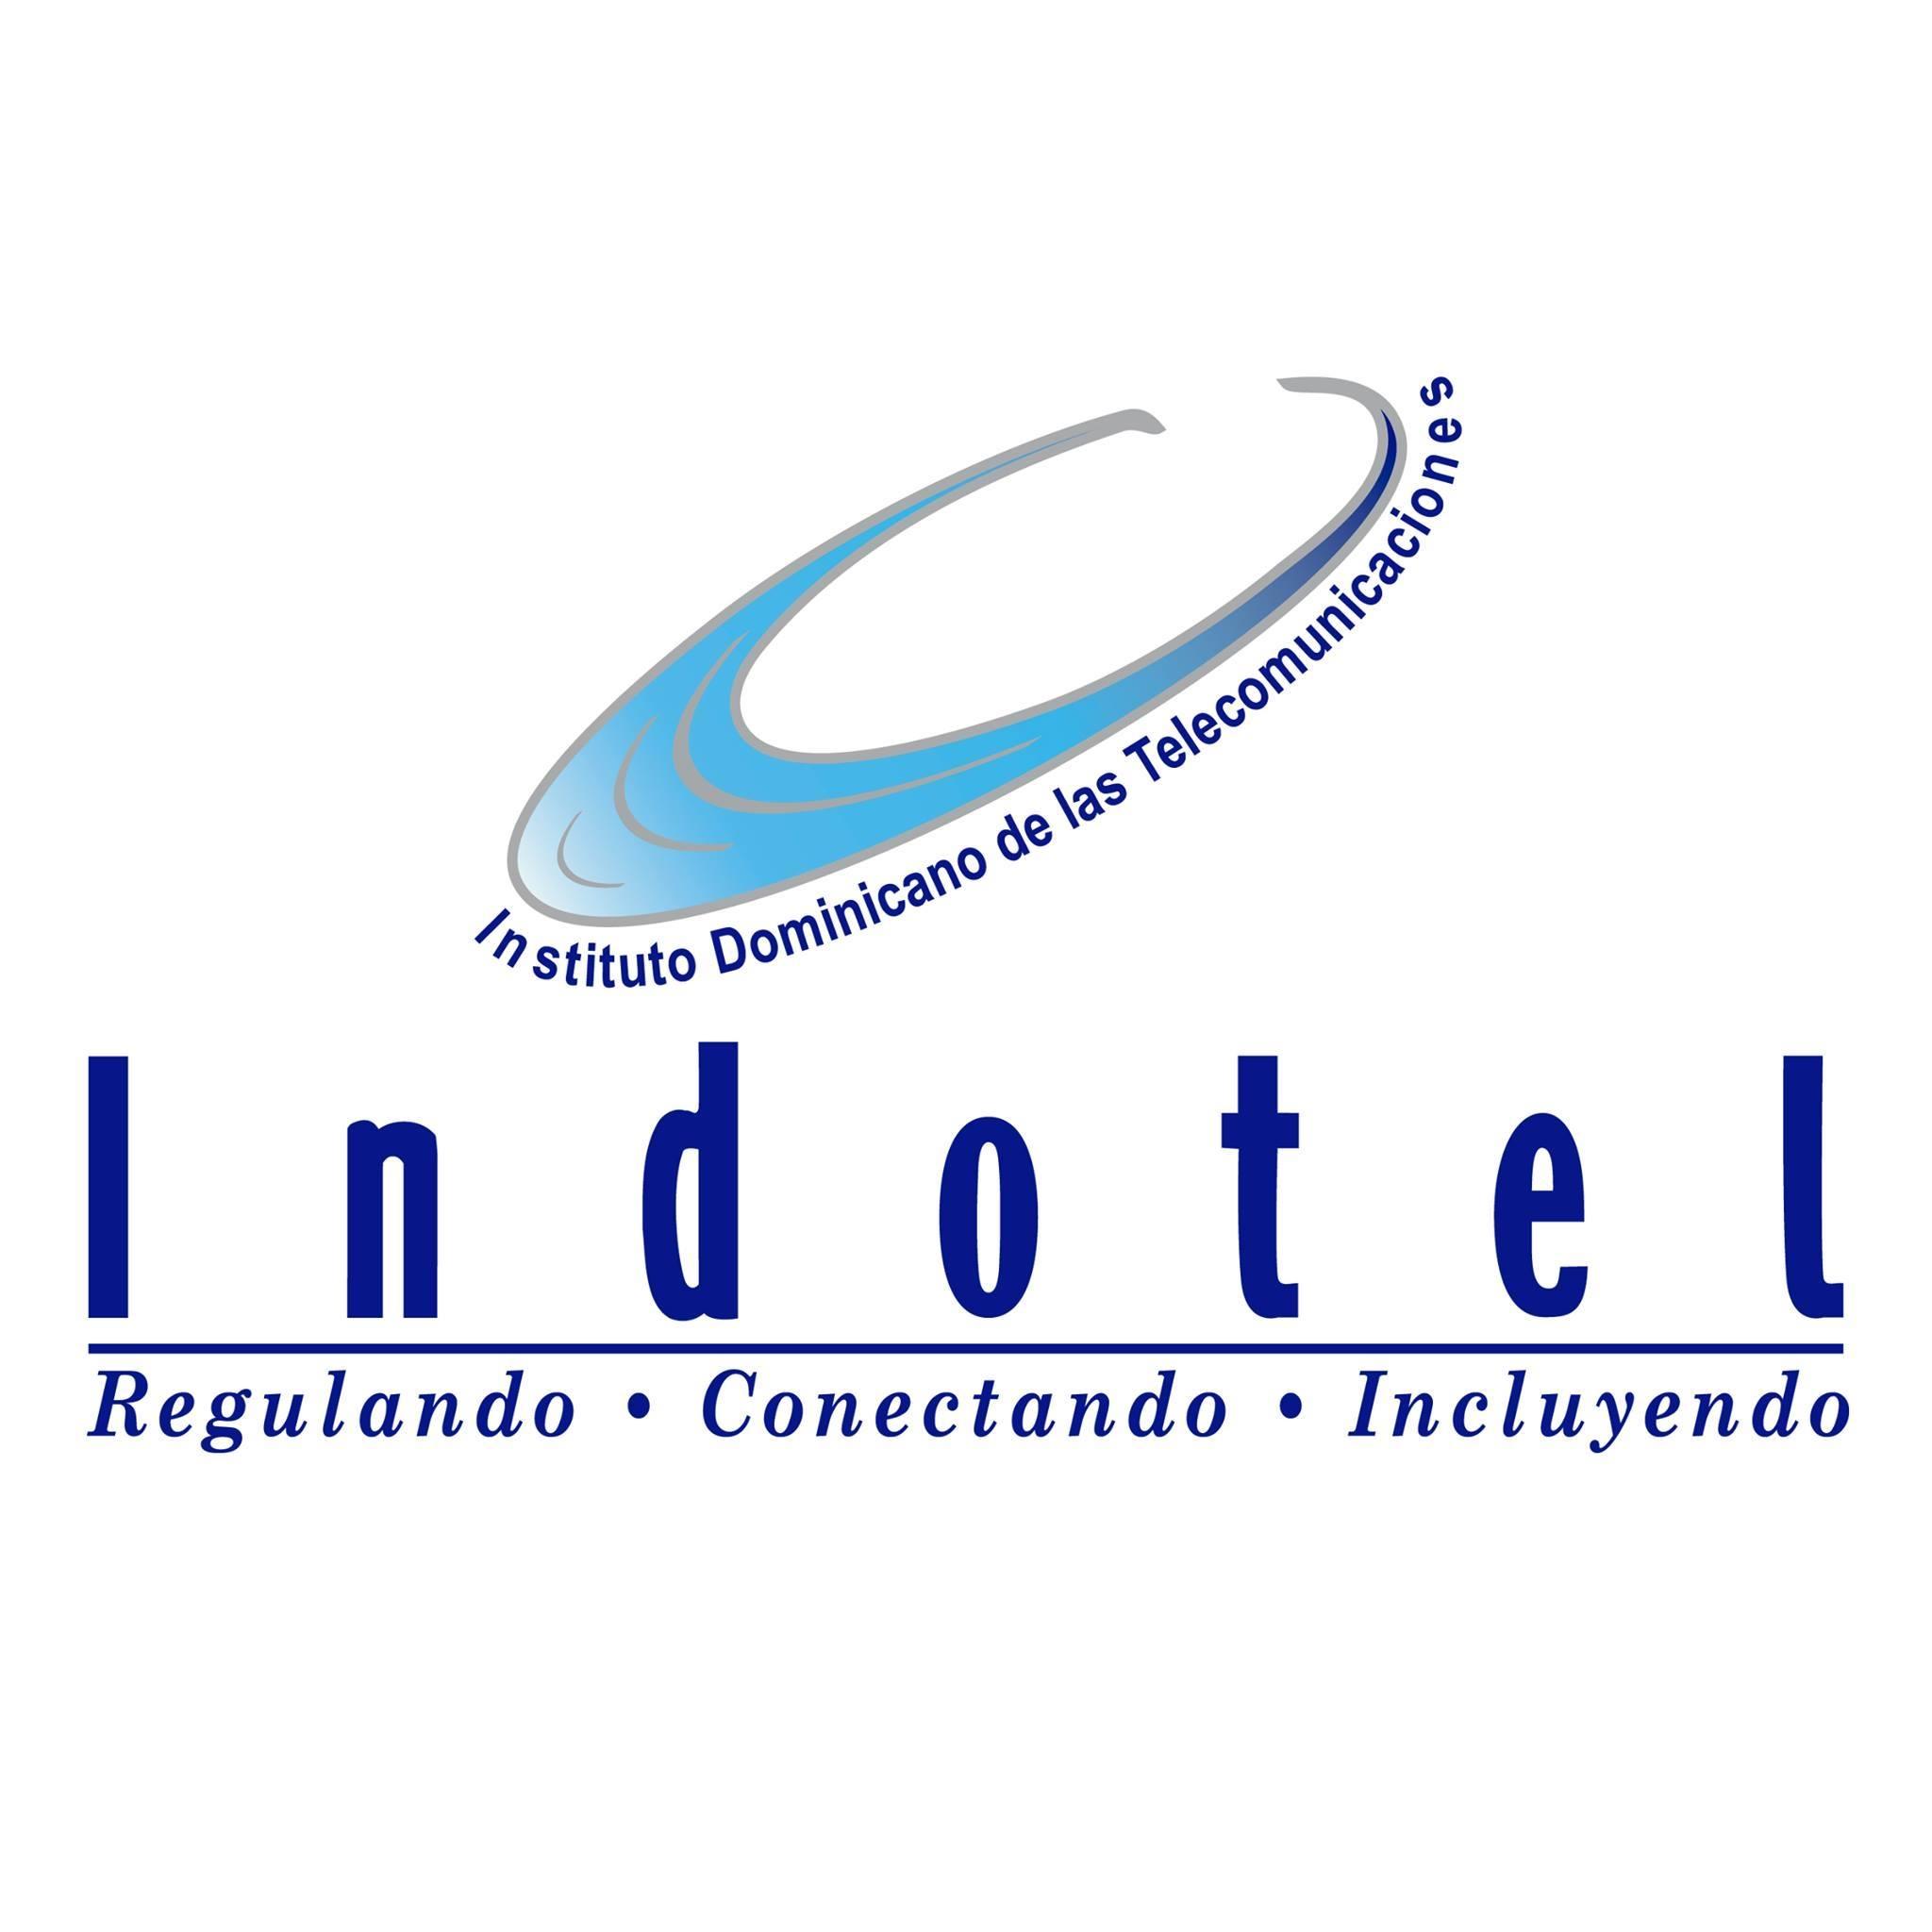 Consejo Directivo de Indotel dispone que deudores puedan desautorizar llamadas de cobro al trabajo